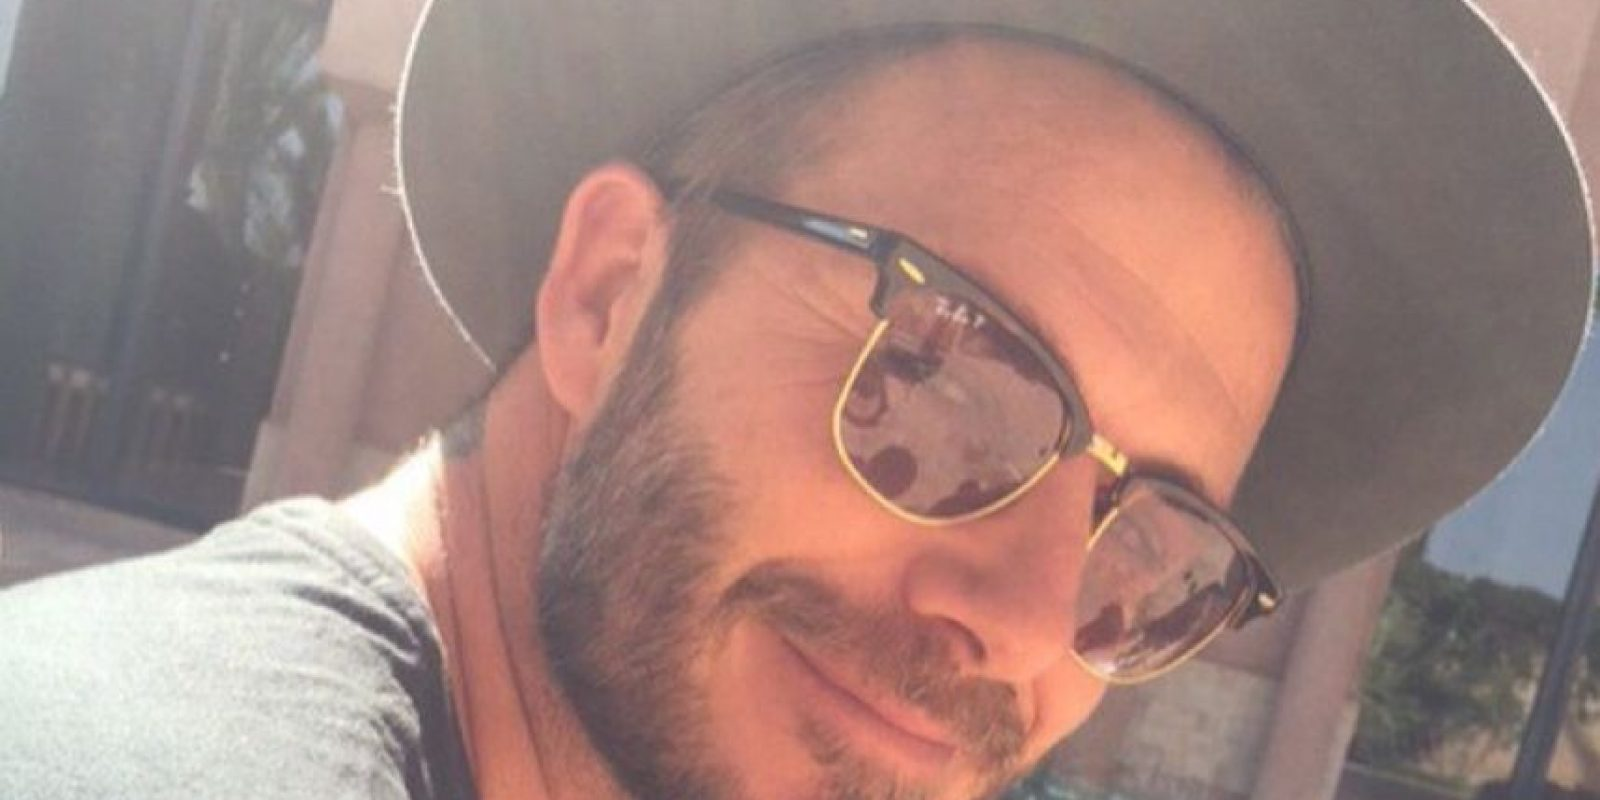 Aunque está retirado de las canchas, David Beckham sigue siendo un ícono del deporte y uno de los futbolistas más guapos. Foto:Via instagram.com/davidbeckham